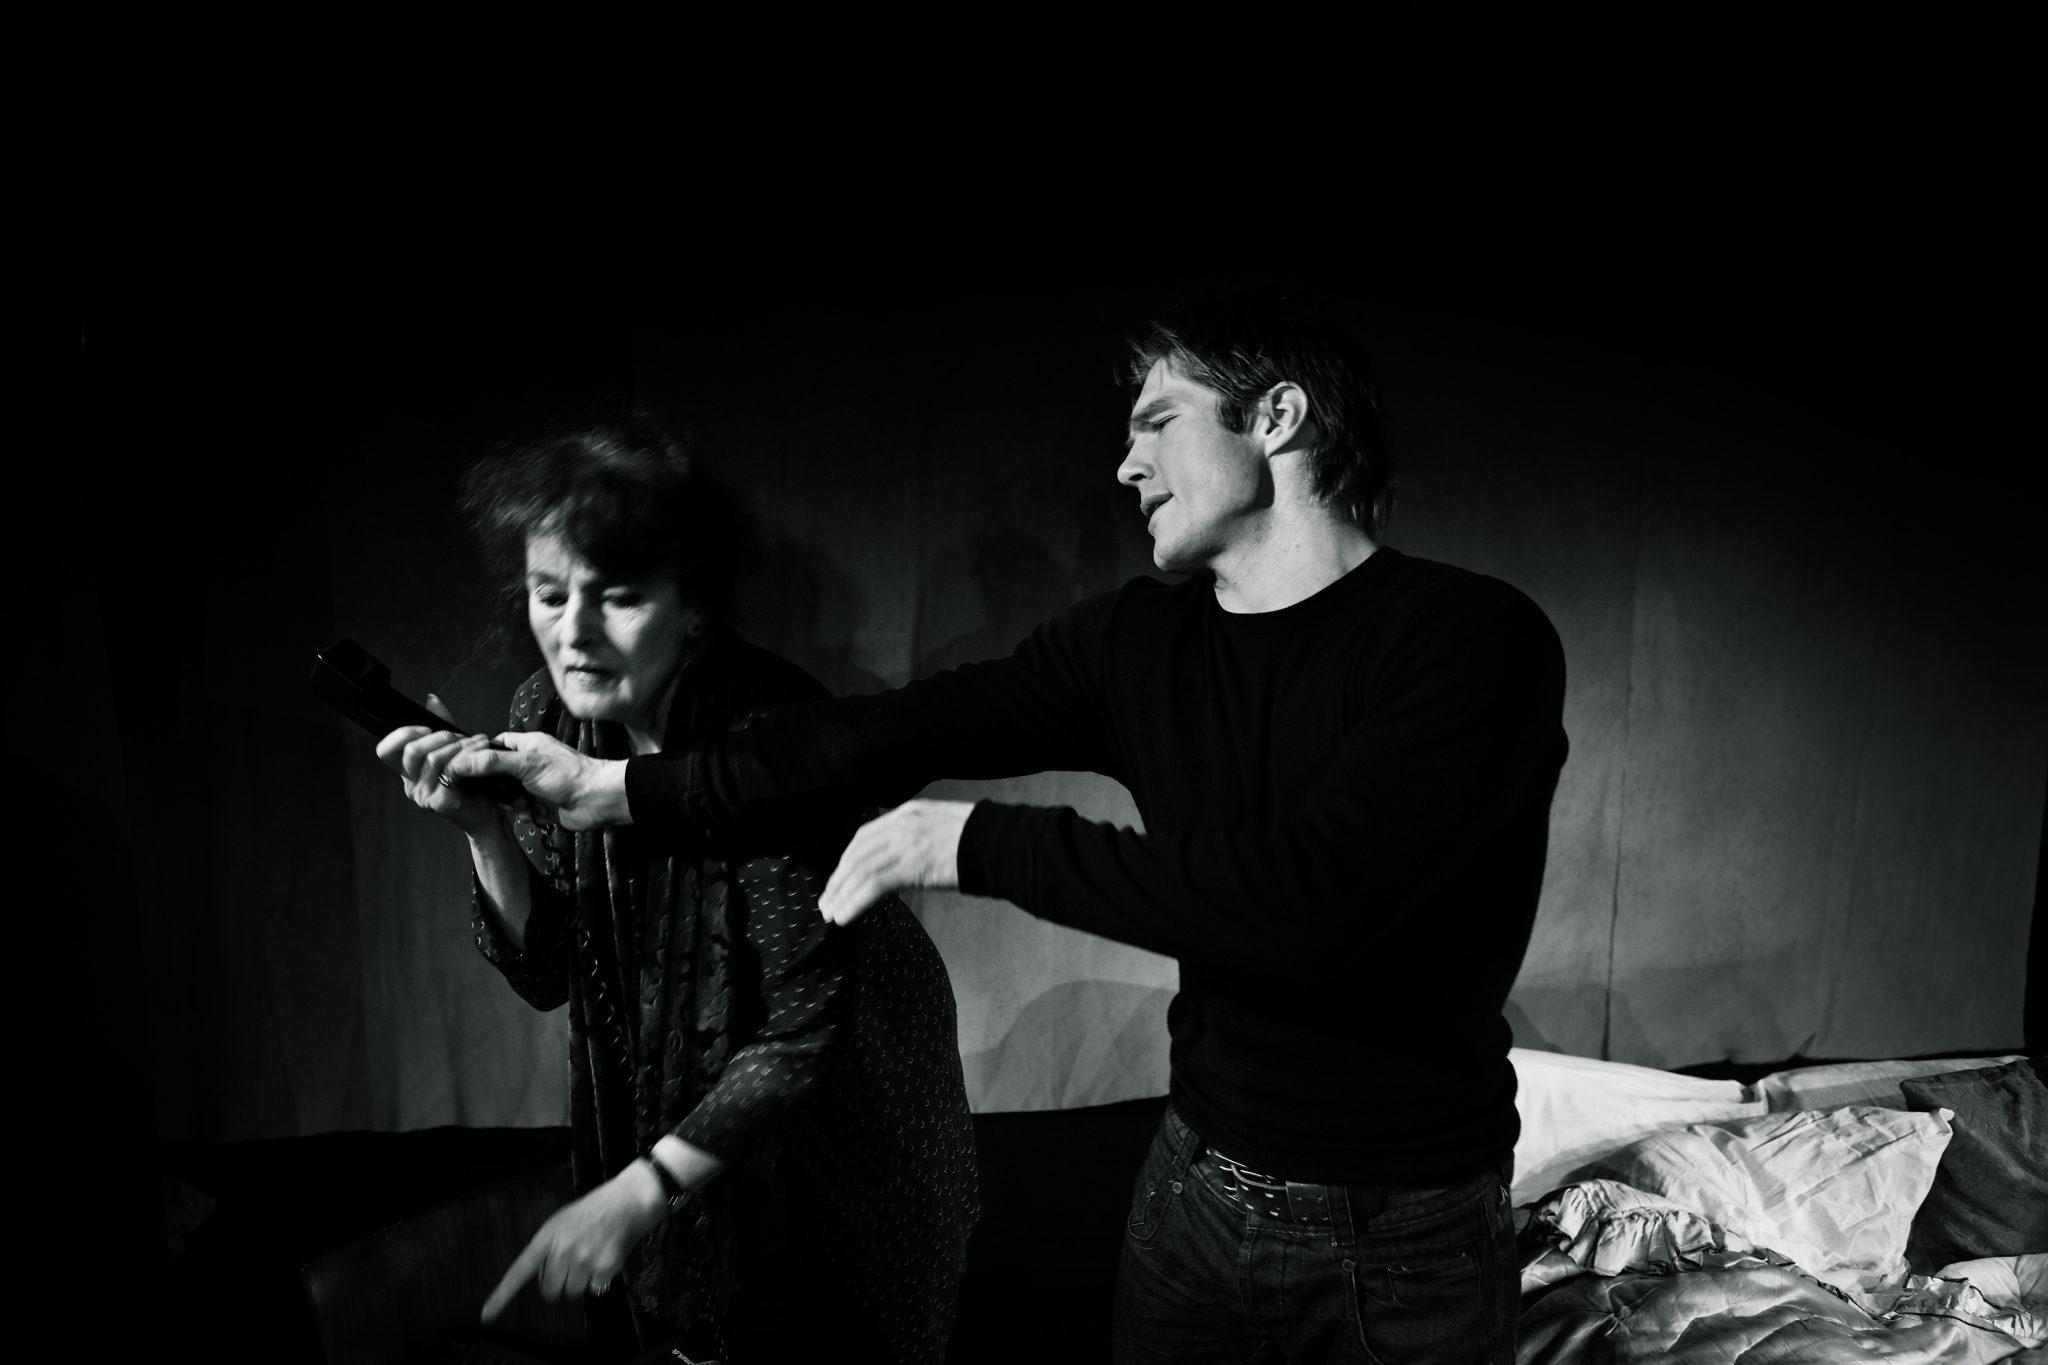 FOTO: JESPER BLÆSILD